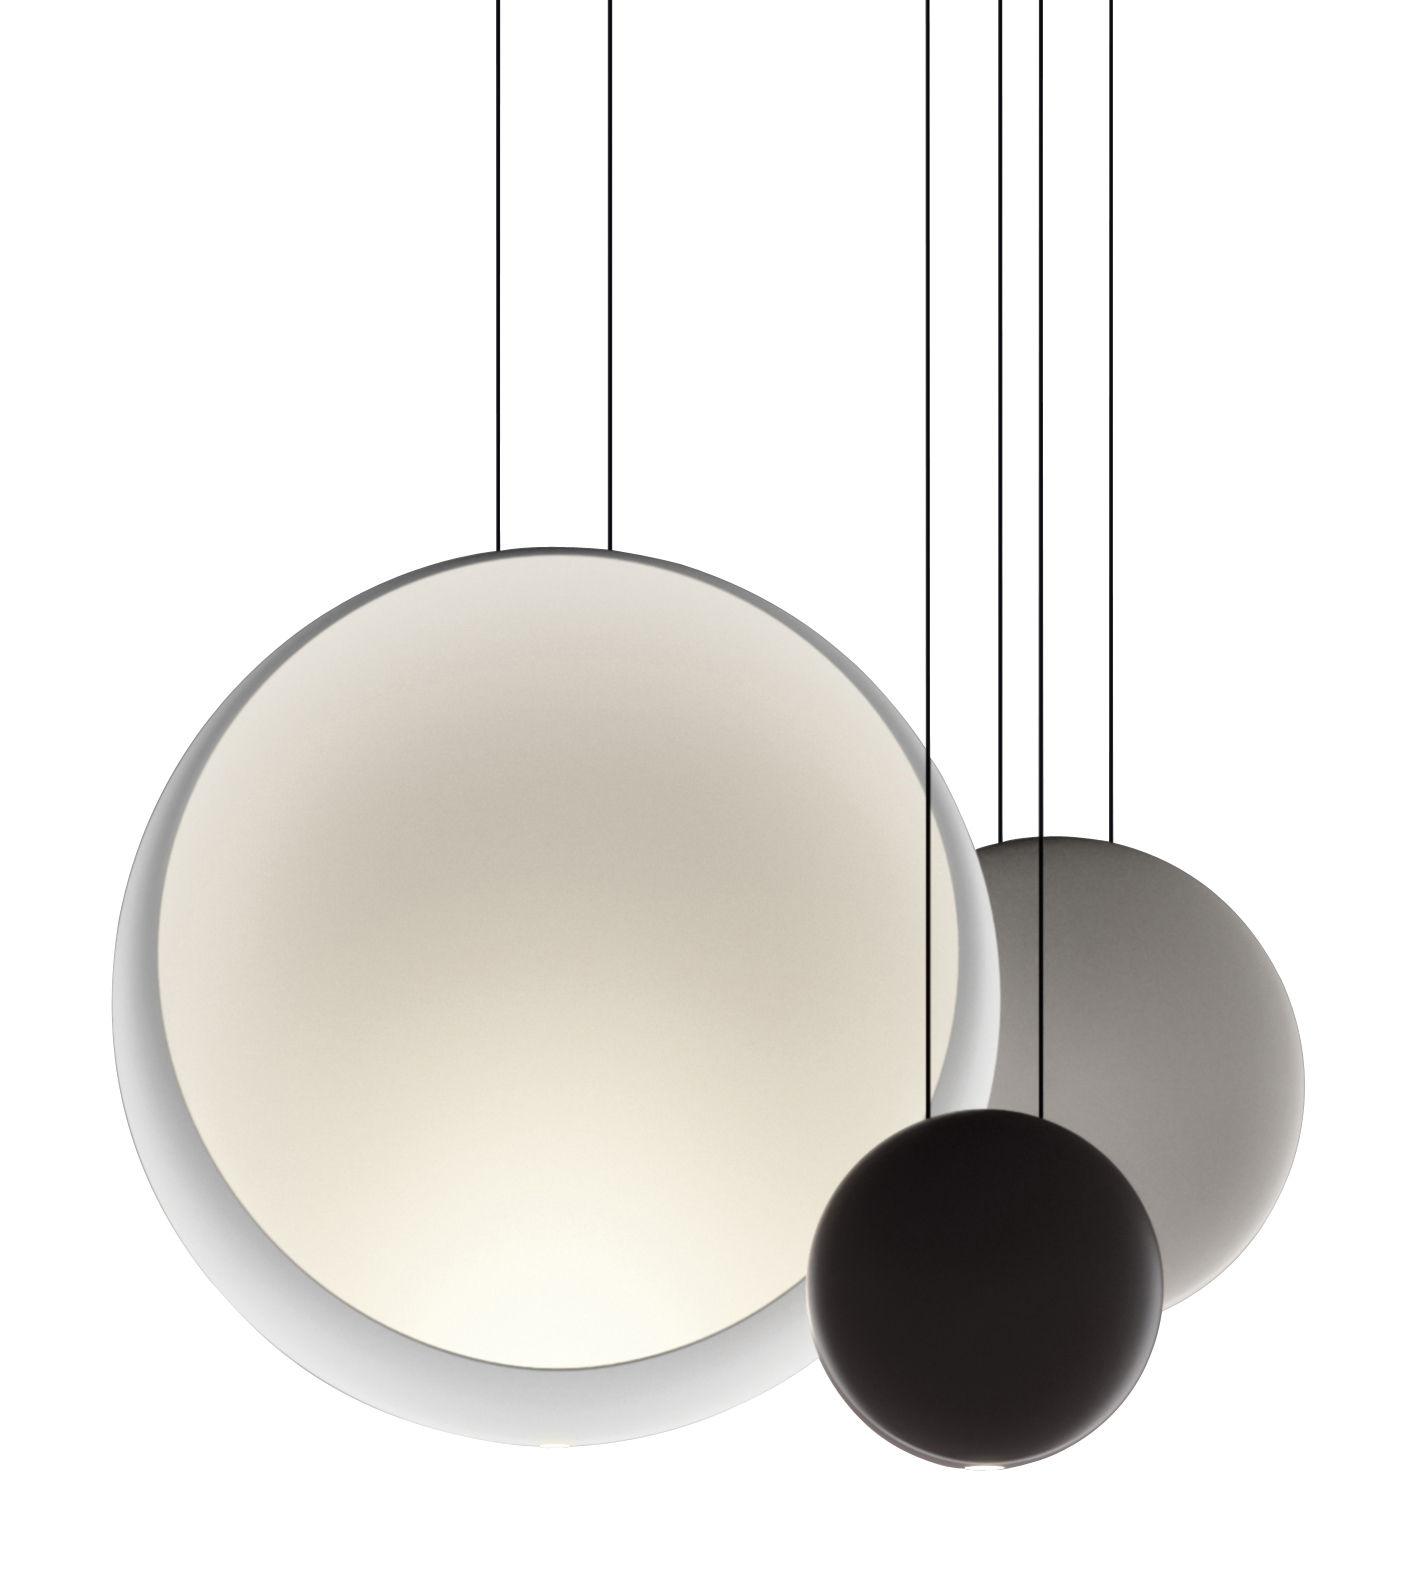 Lighting - Pendant Lighting - Cosmos Pendant by Vibia - White Ø 48 / Light grey Ø 27 / Chocolate Ø 19 - Polycarbonate